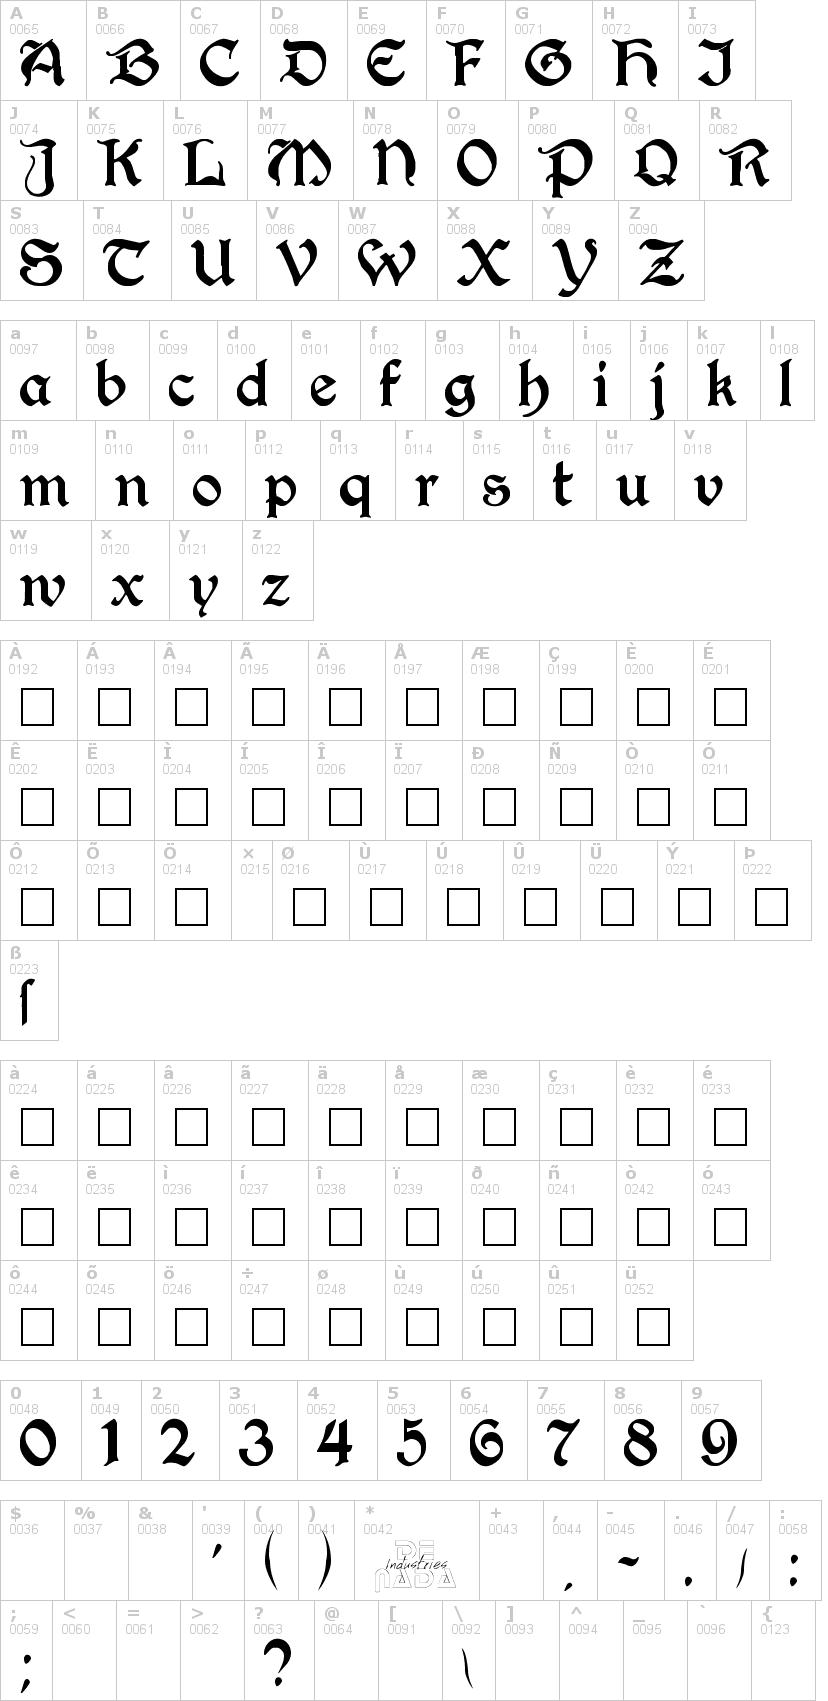 Lettere dell'alfabeto del font perry-gothic con le quali è possibile realizzare adesivi prespaziati